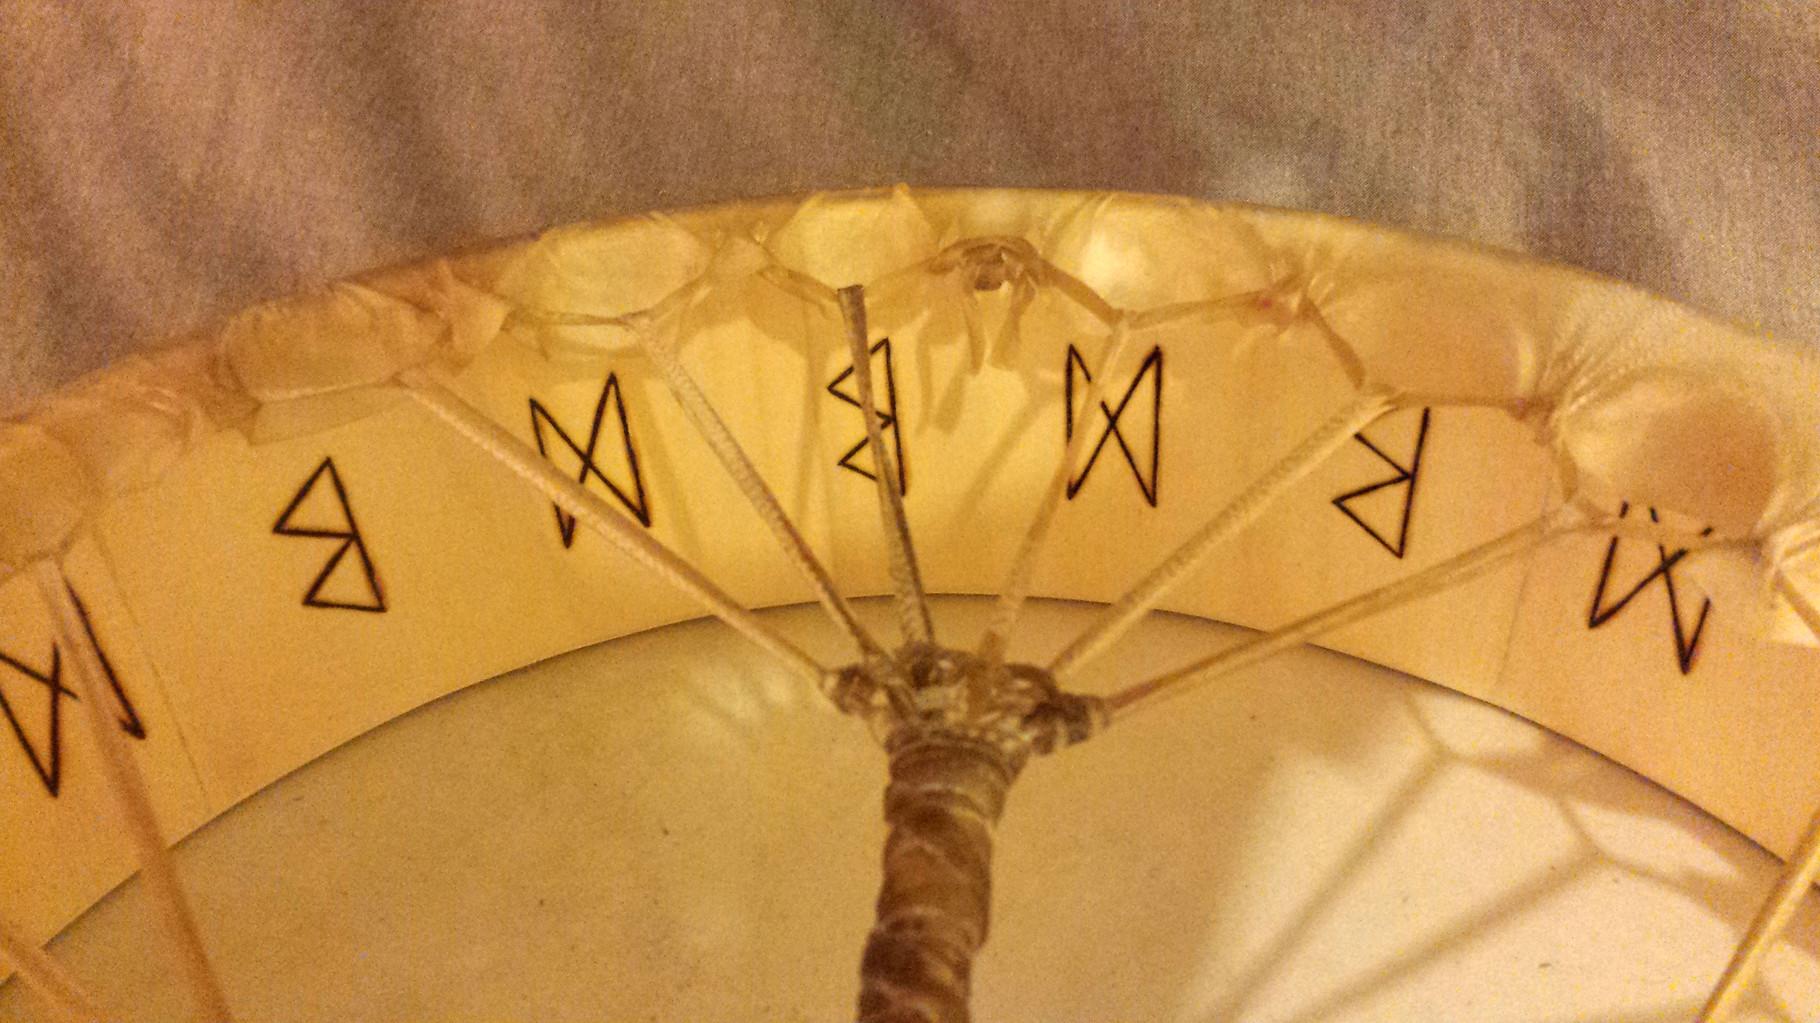 Dettaglio di rune incise a caldo nella parte interna di un tamburo (ordine personalizzato)